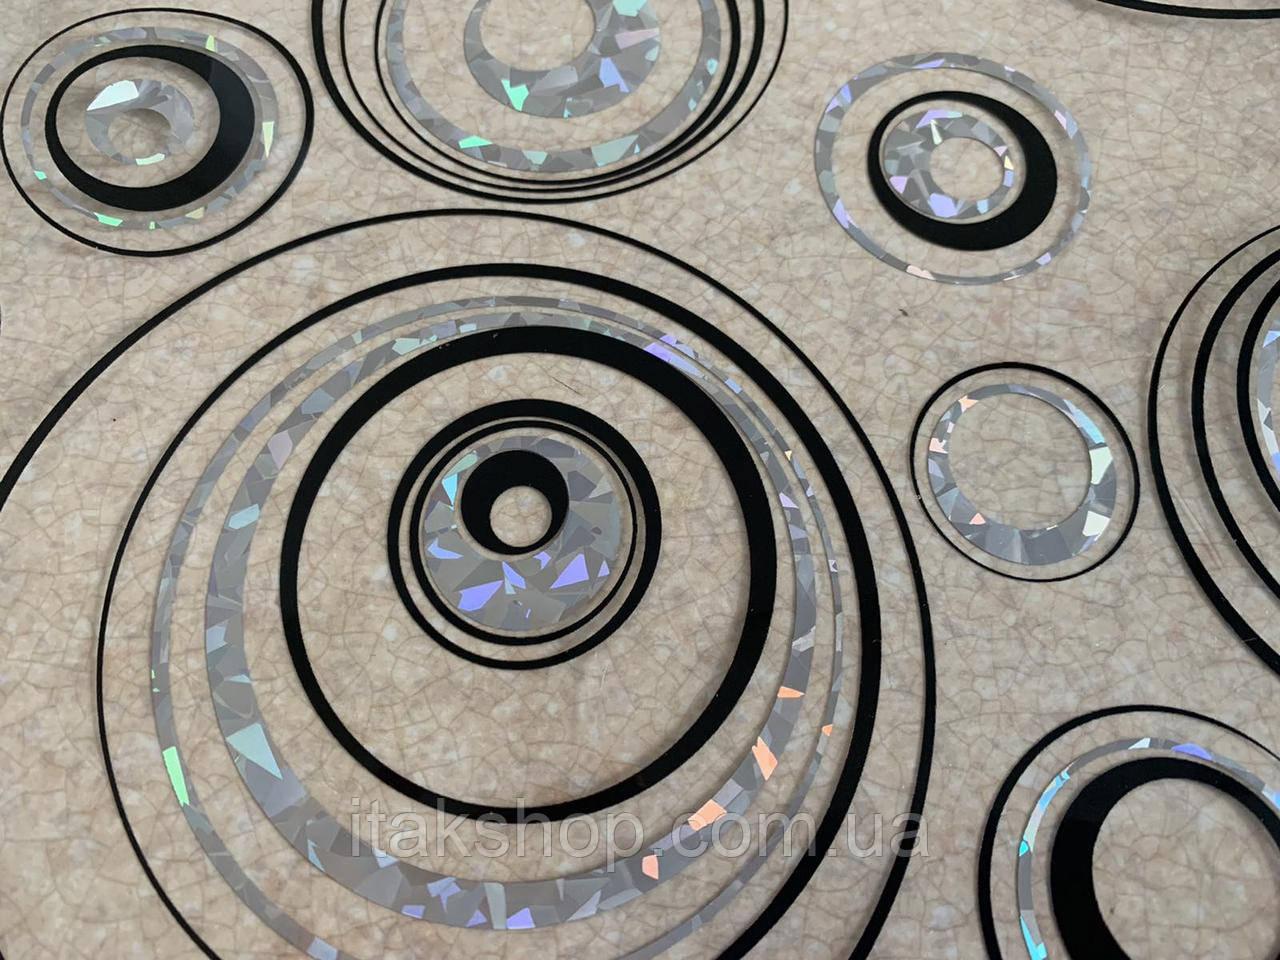 М'яке скло Скатертину з лазерним малюнком Soft Glass 1.4х0.8м товщина 1.5 мм Сріблясто-чорні кола